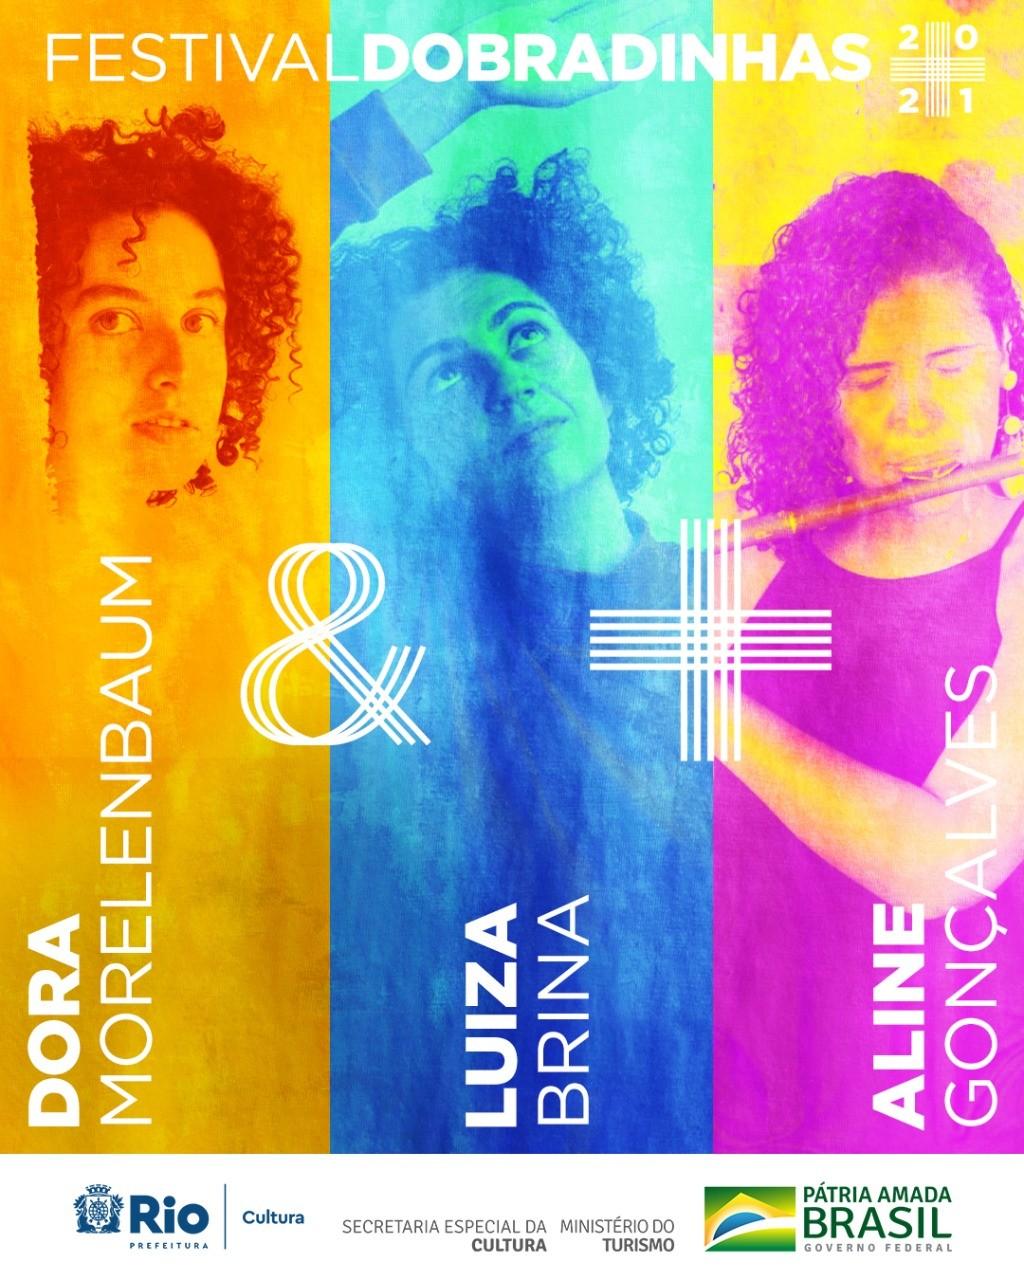 Dobradinhas: Dora Morelenbaum e Luiza Brina + Aline Gonçalves